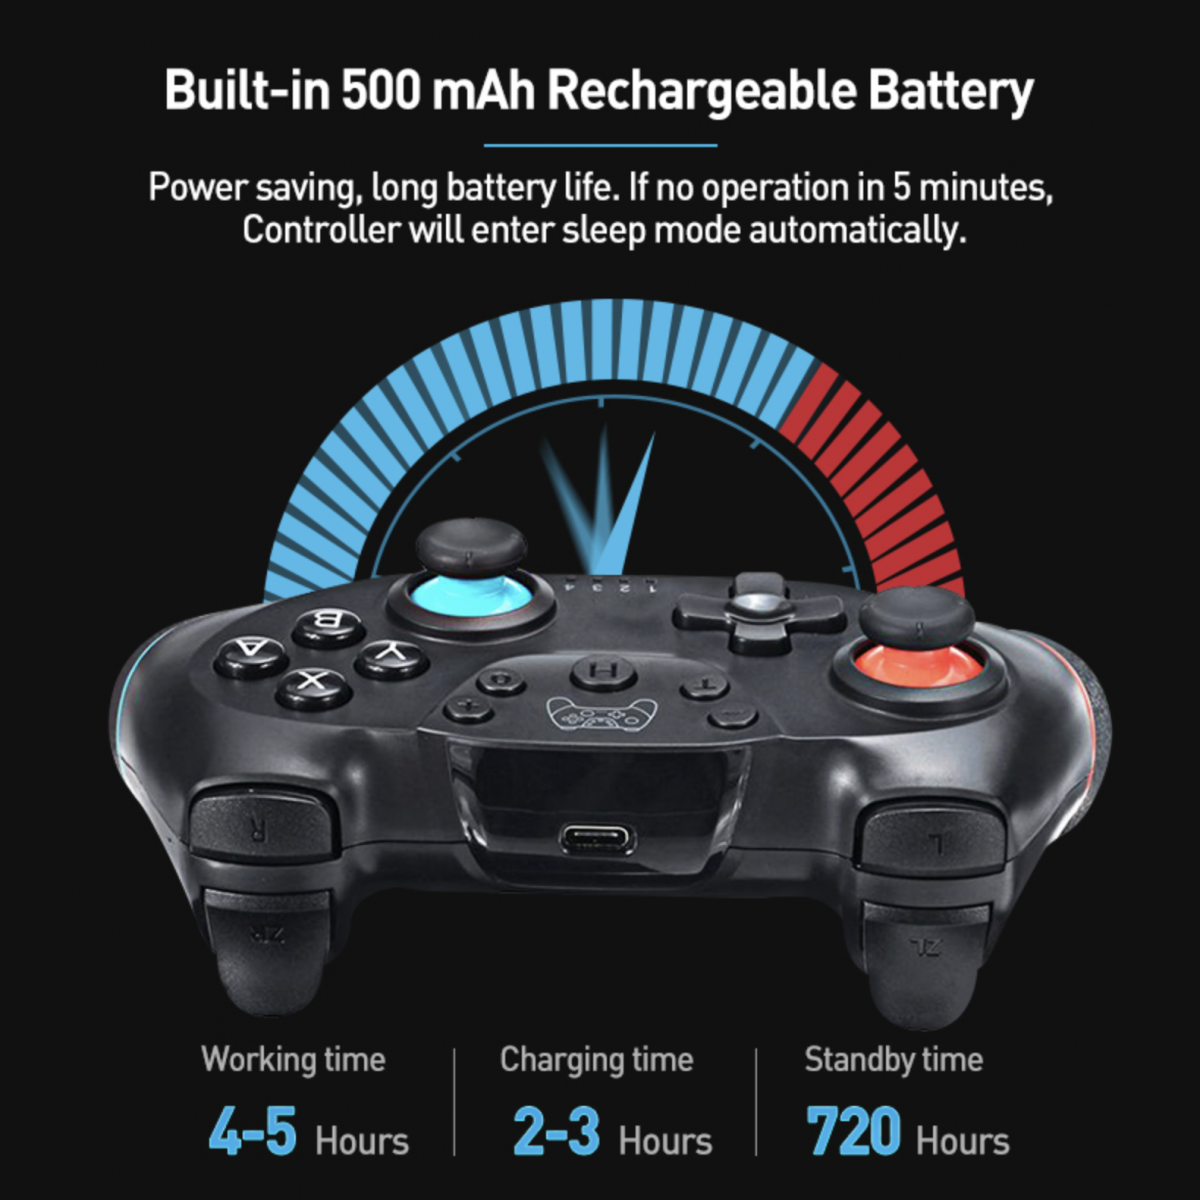 Беспроводной контроллер для Nintendo Switch, где купить в Украине